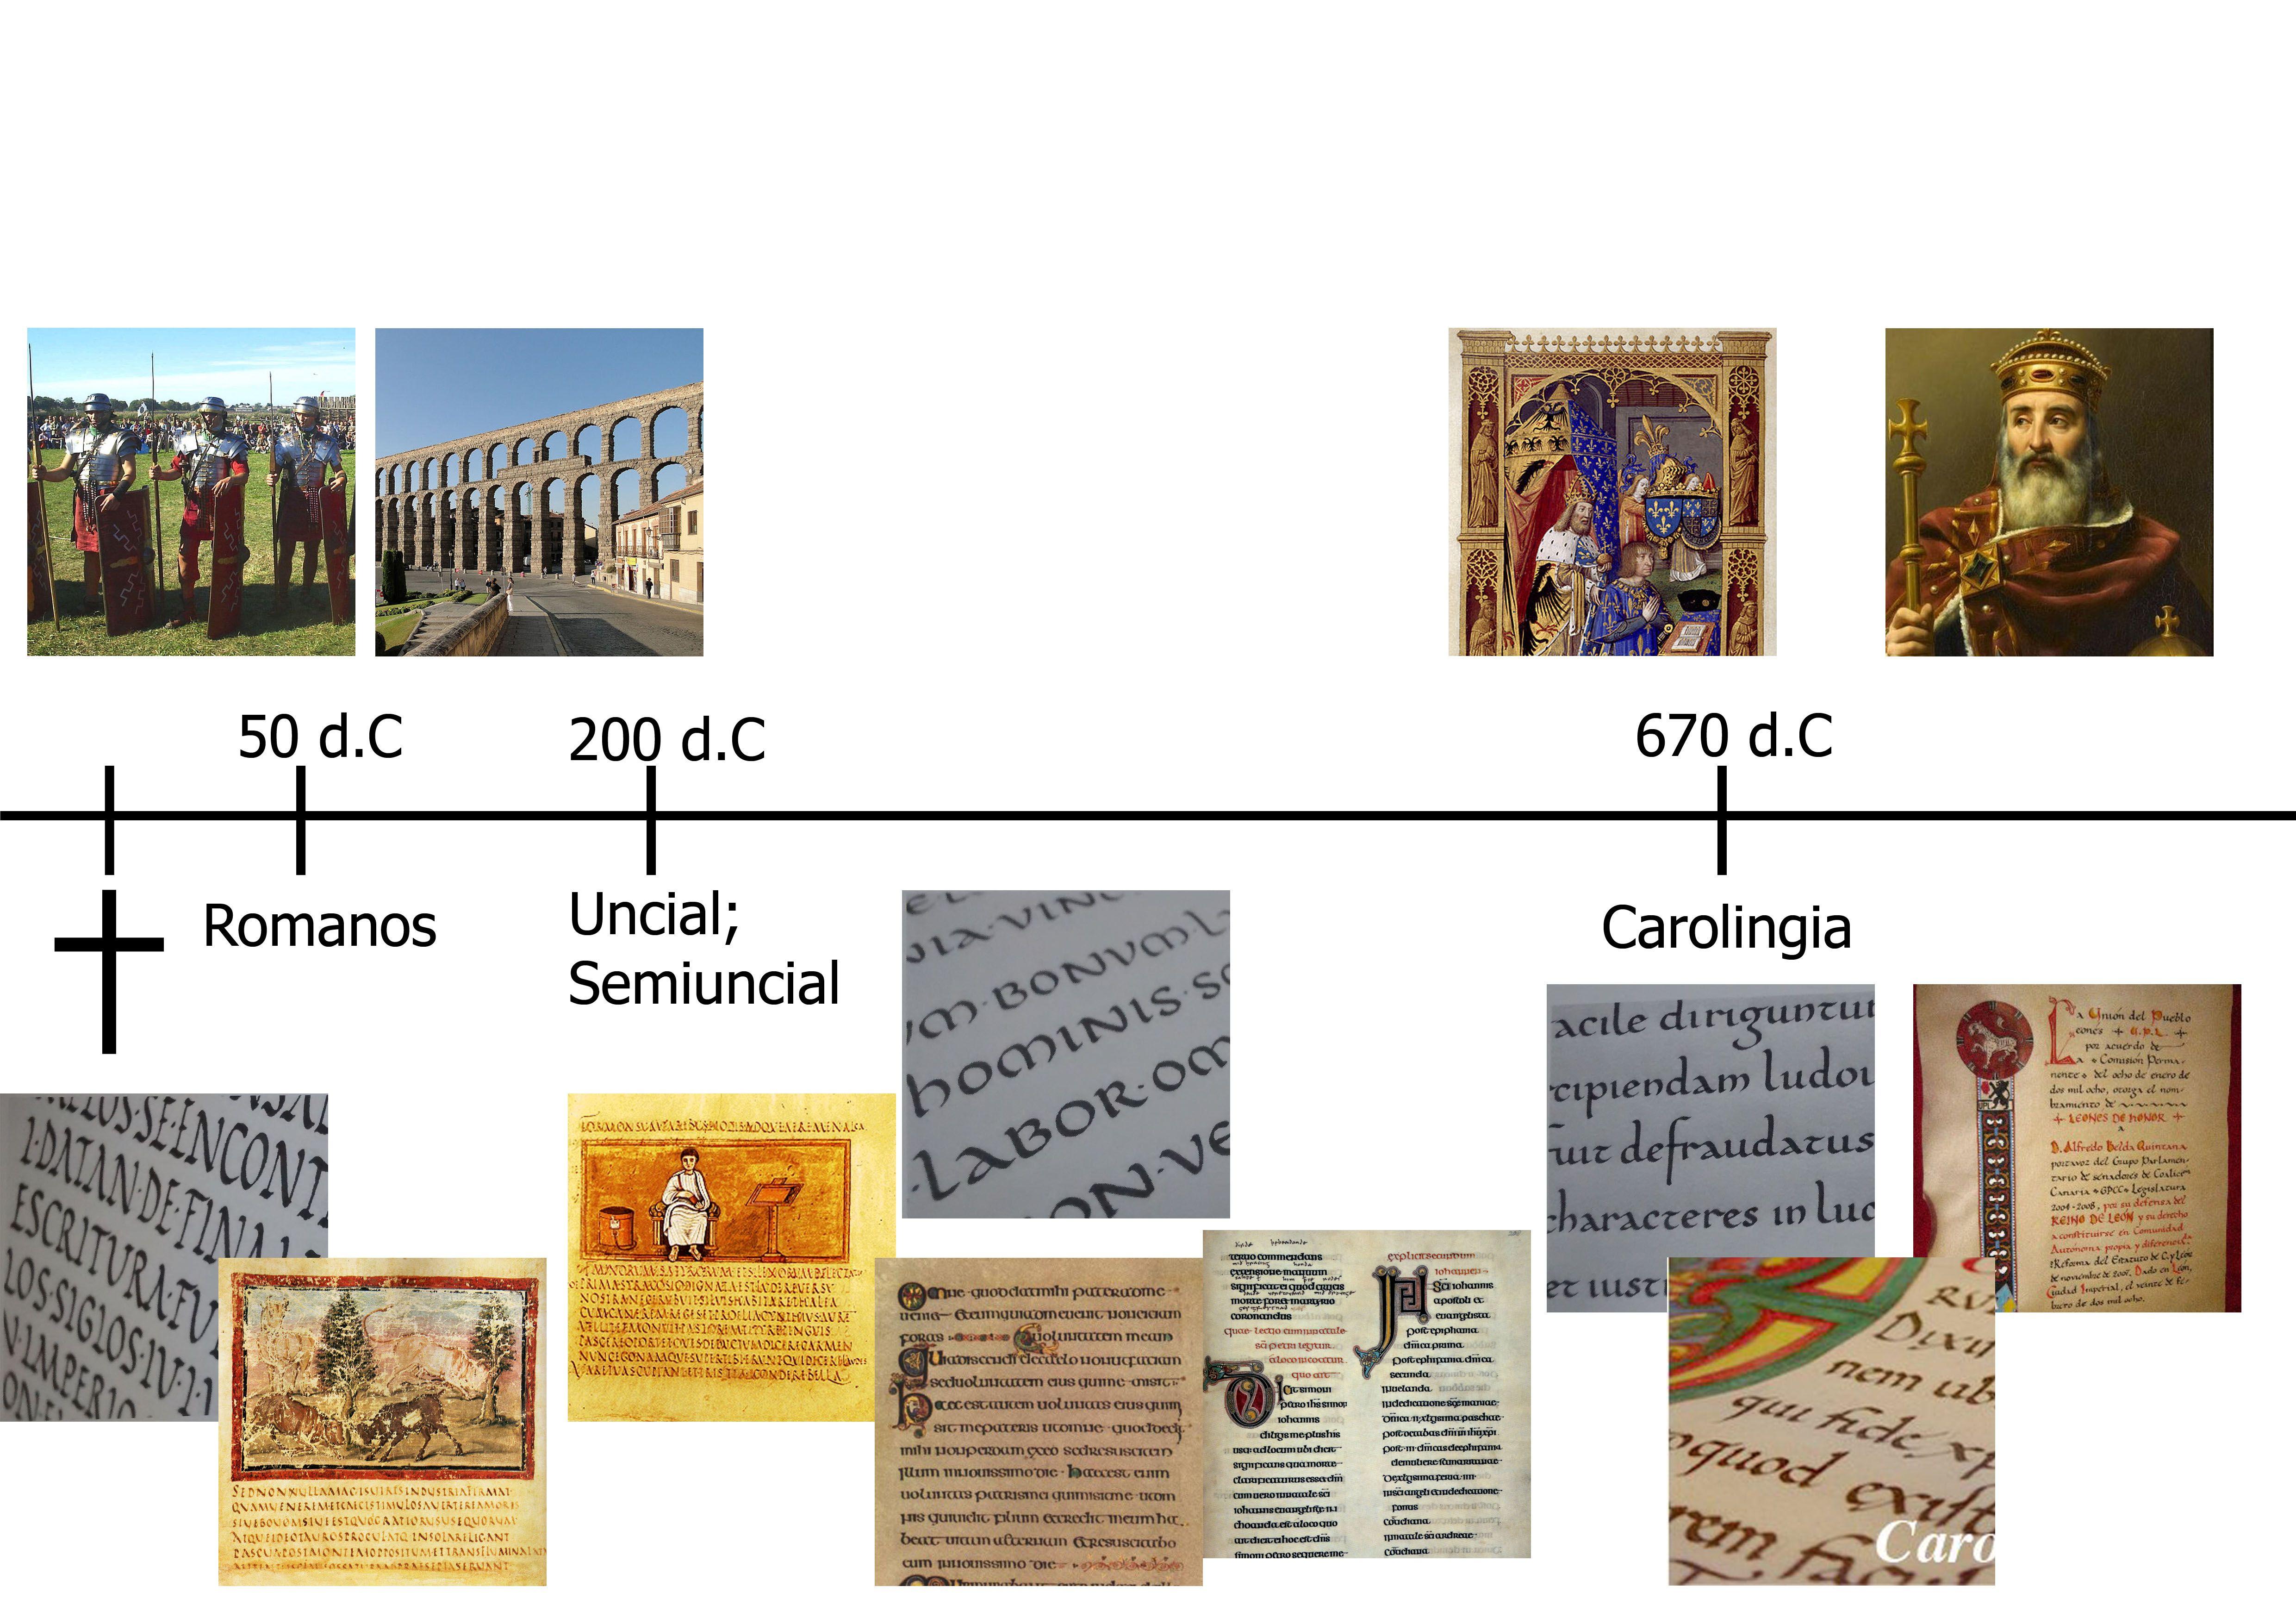 Linea del tiempo de la Escritura. | Taller de Diseño II | Pinterest